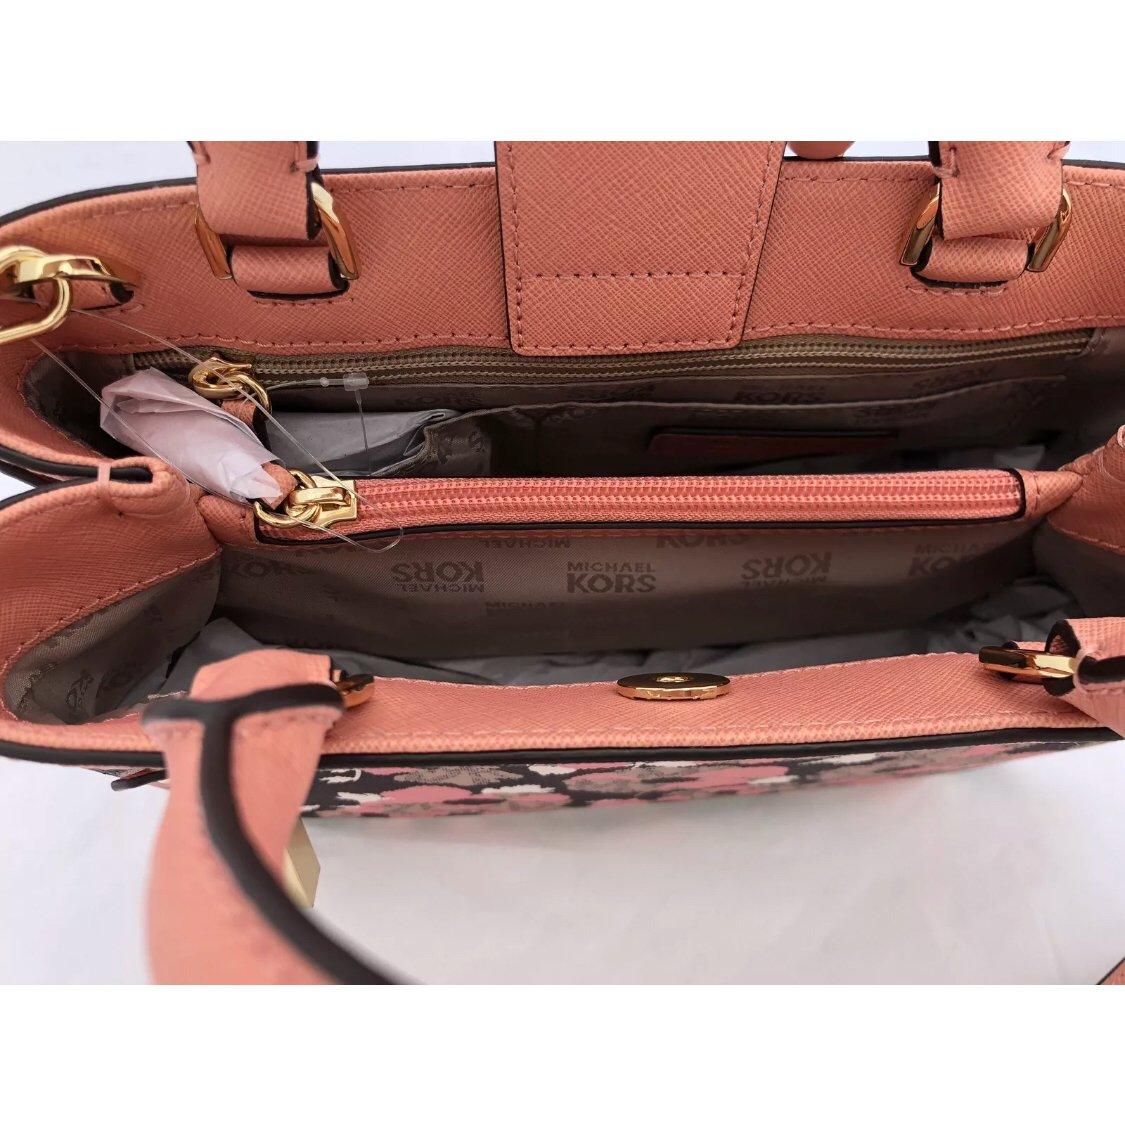 d5bb960e142f6d Amazon.com: Michael Kors Hailee XS Satchel Bag Peach Floral: Shoes